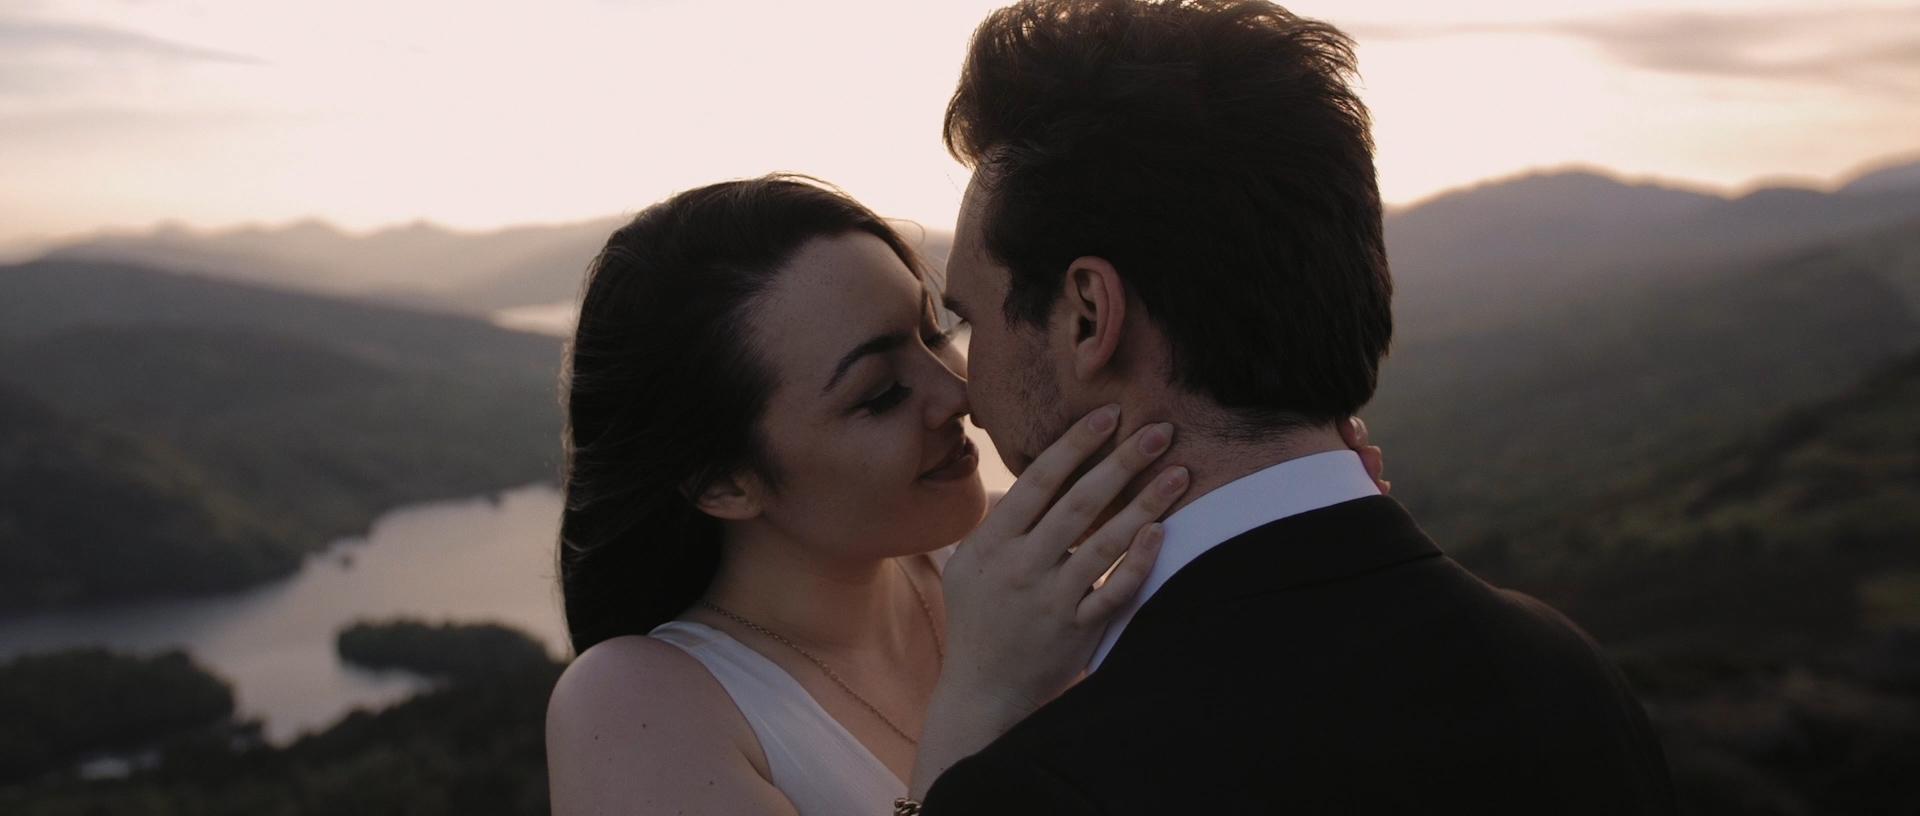 riddles-court-wedding-videographer_LL_09.jpg